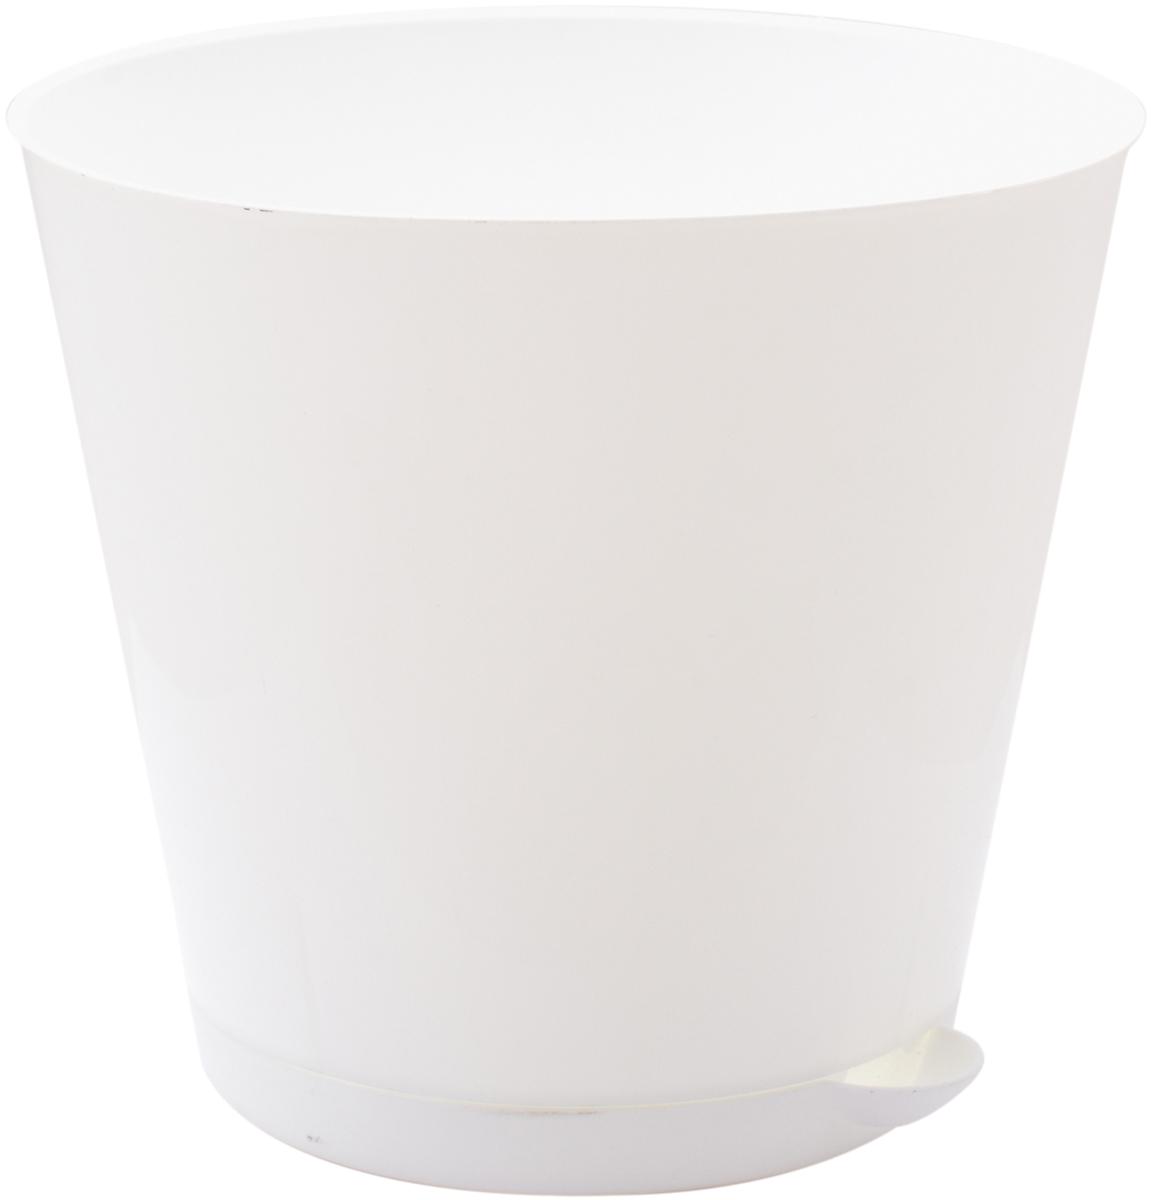 Горшок для цветов InGreen Крит, с системой прикорневого полива, цвет: белый, диаметр 20 см поддон для балконного ящика ingreen цвет белый длина 60 см